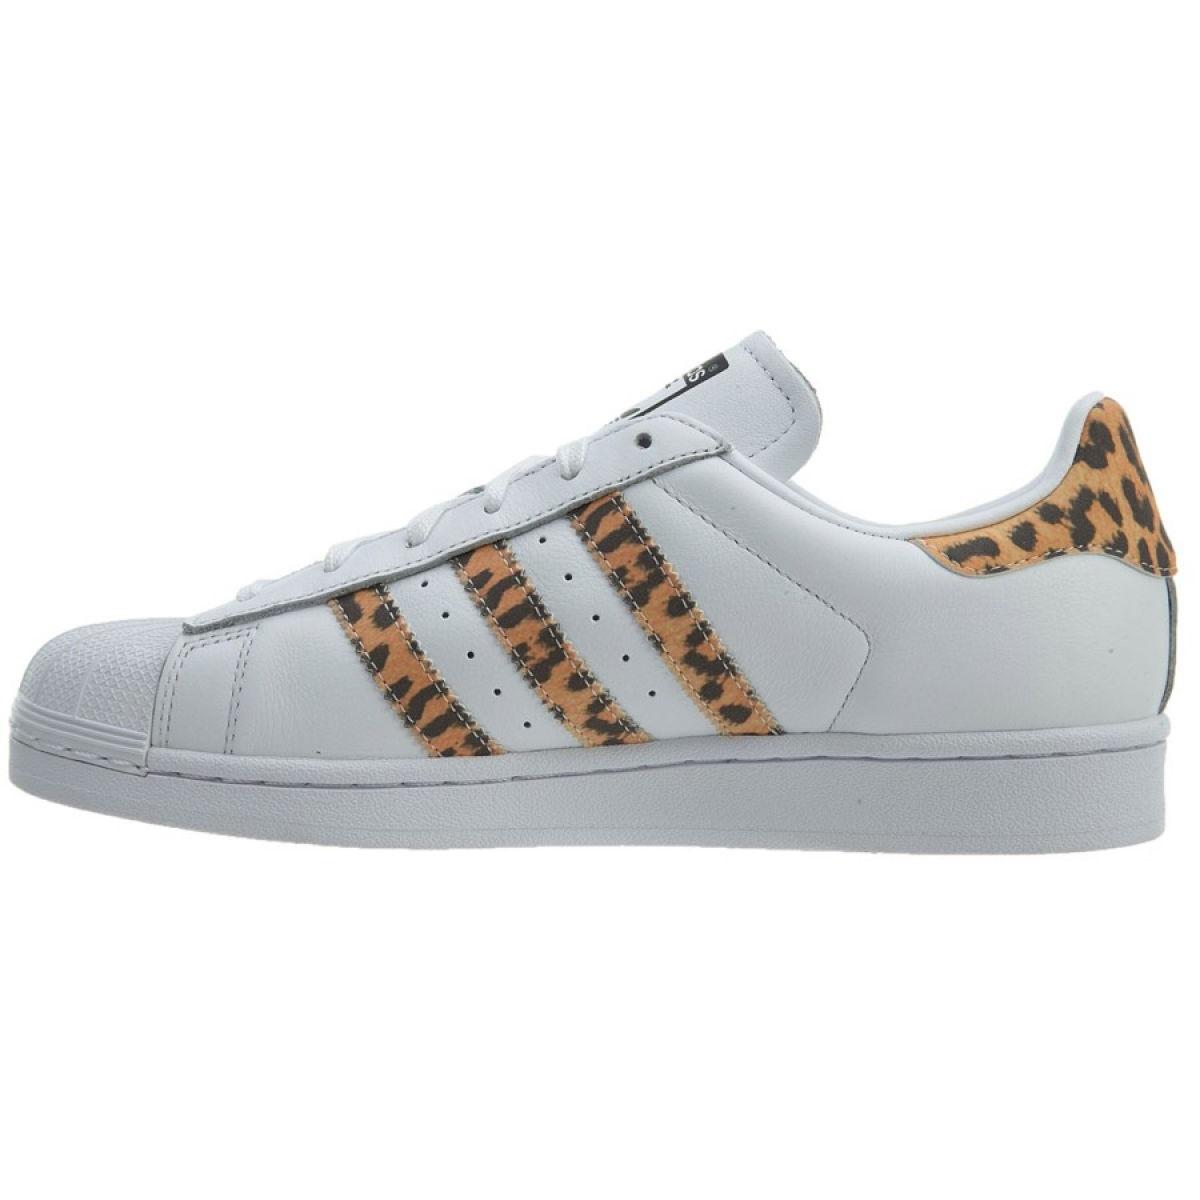 separation shoes e42c1 ec6c8 Weiß Adidas Originals Superstar Schuhe W CQ2514